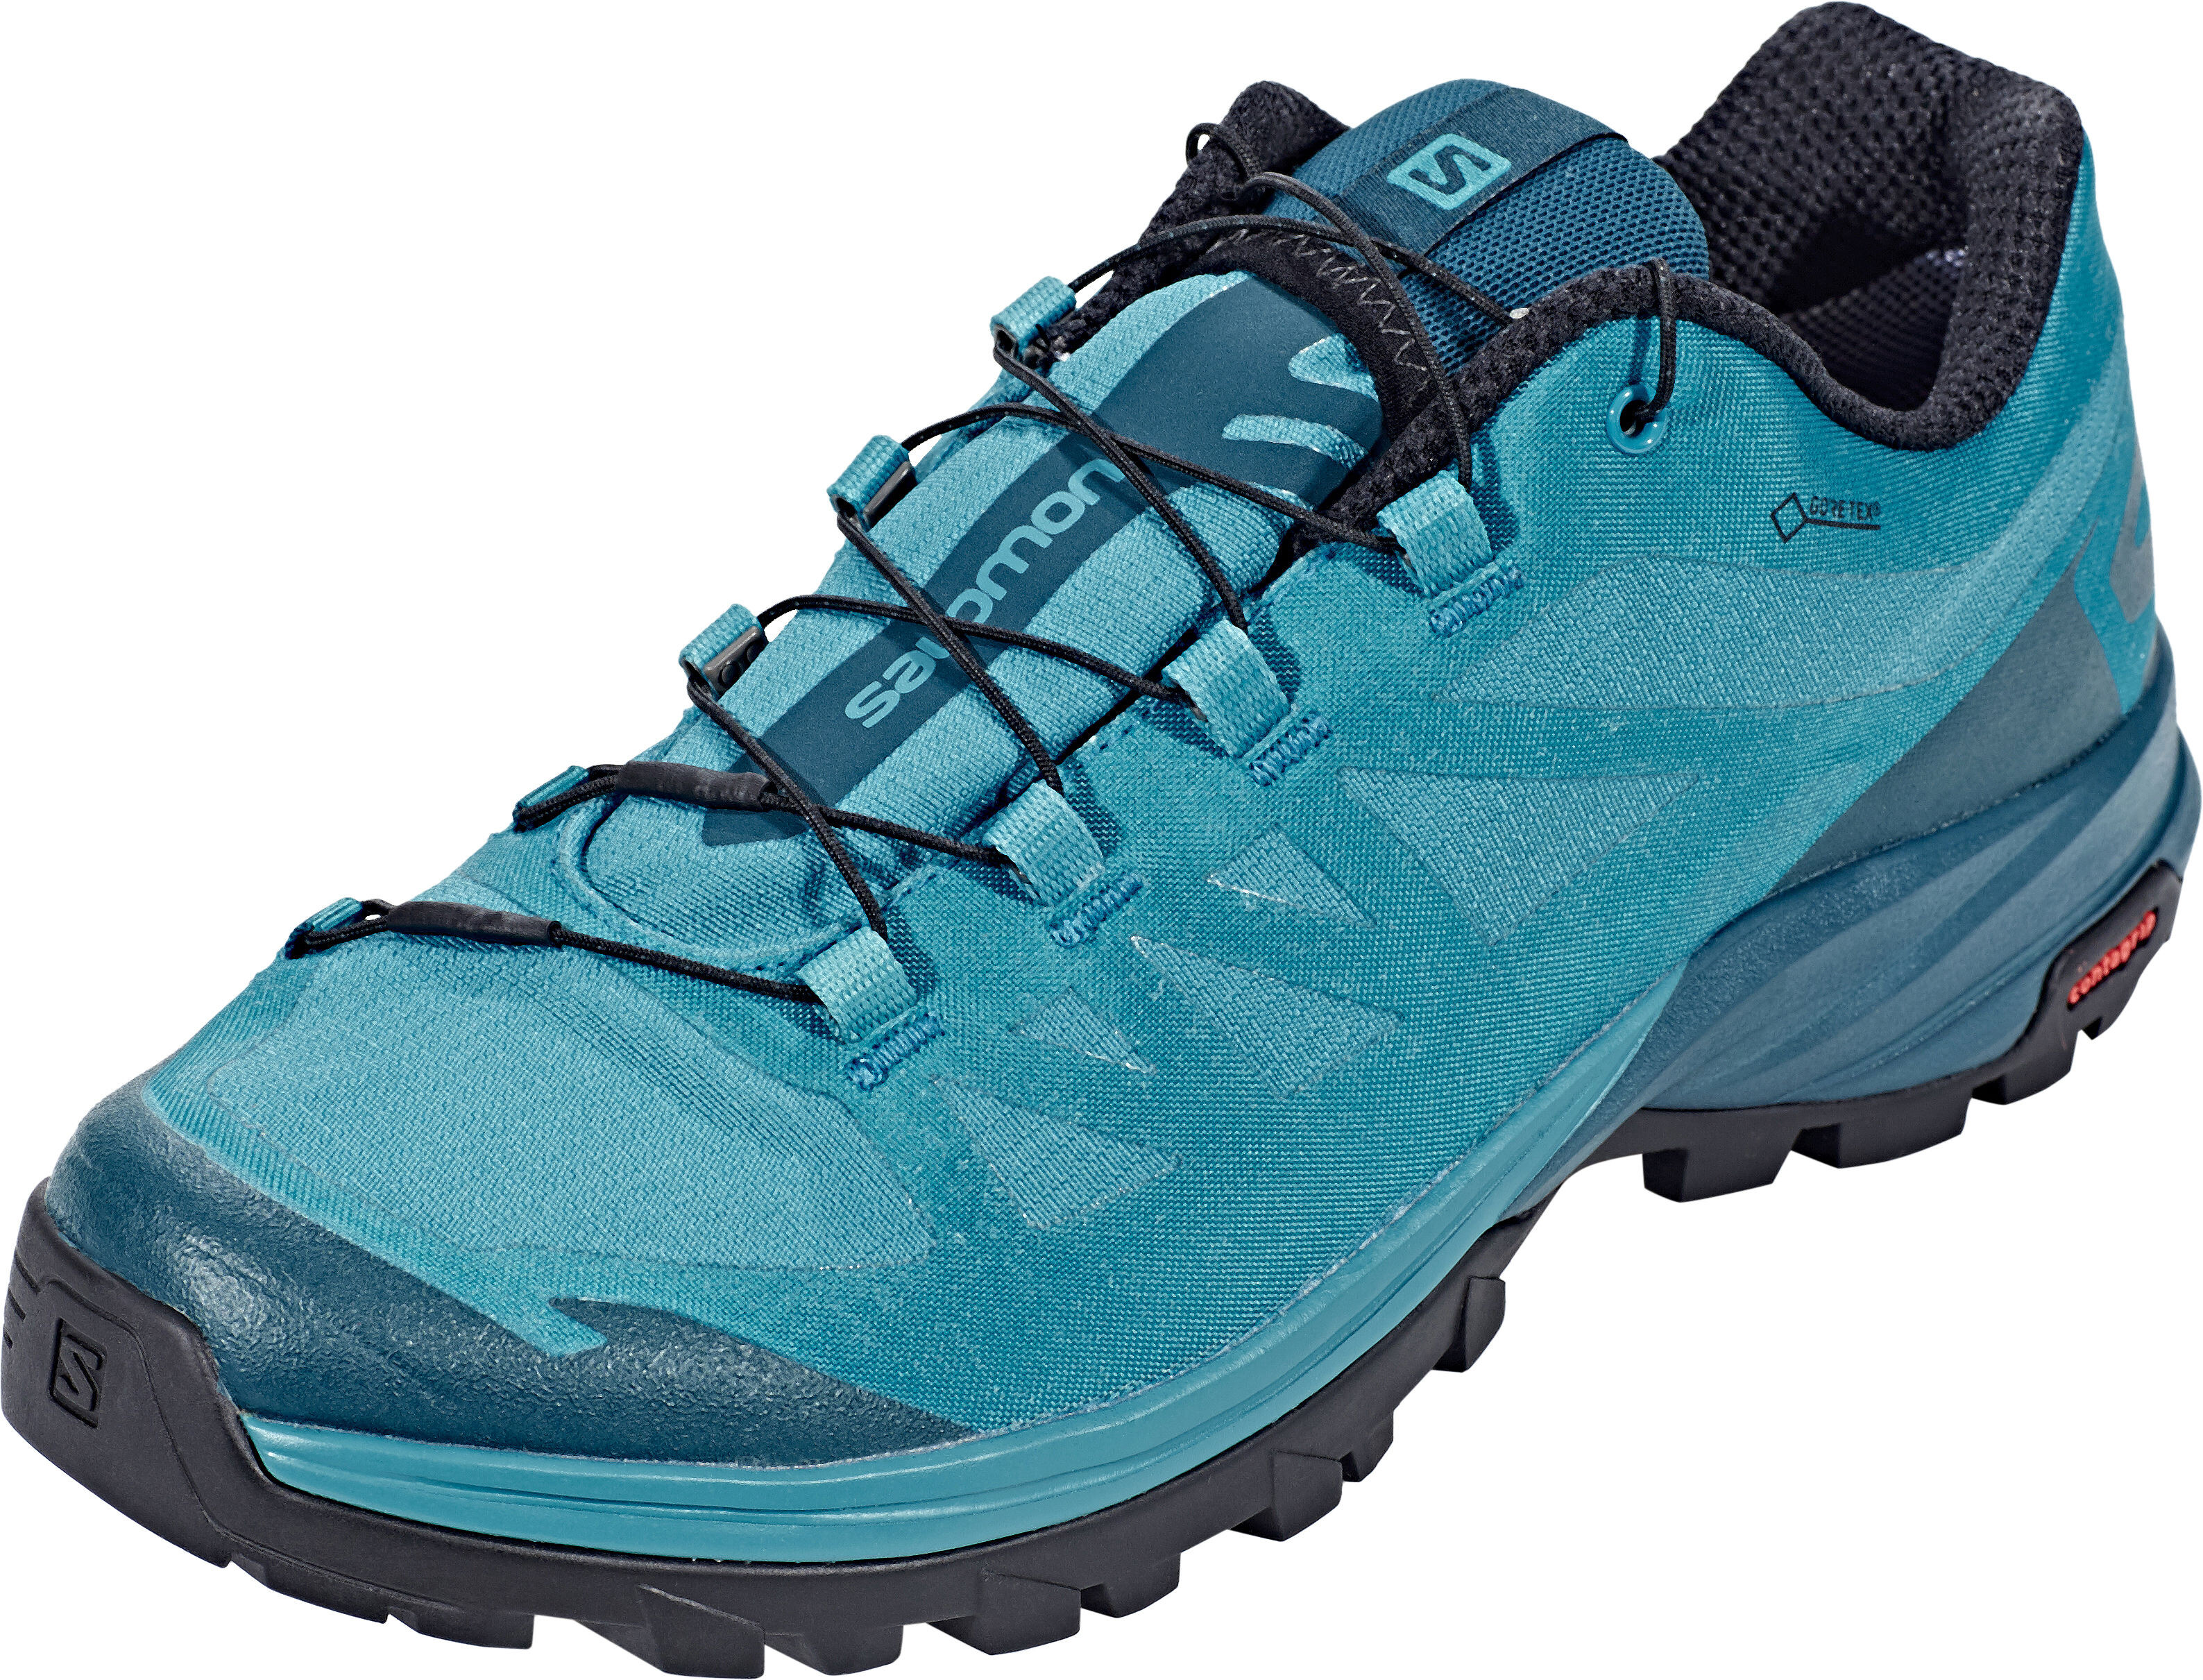 02033c846bf Salomon Outpath GTX Sko Damer turkis   Find outdoortøj, sko & udstyr ...